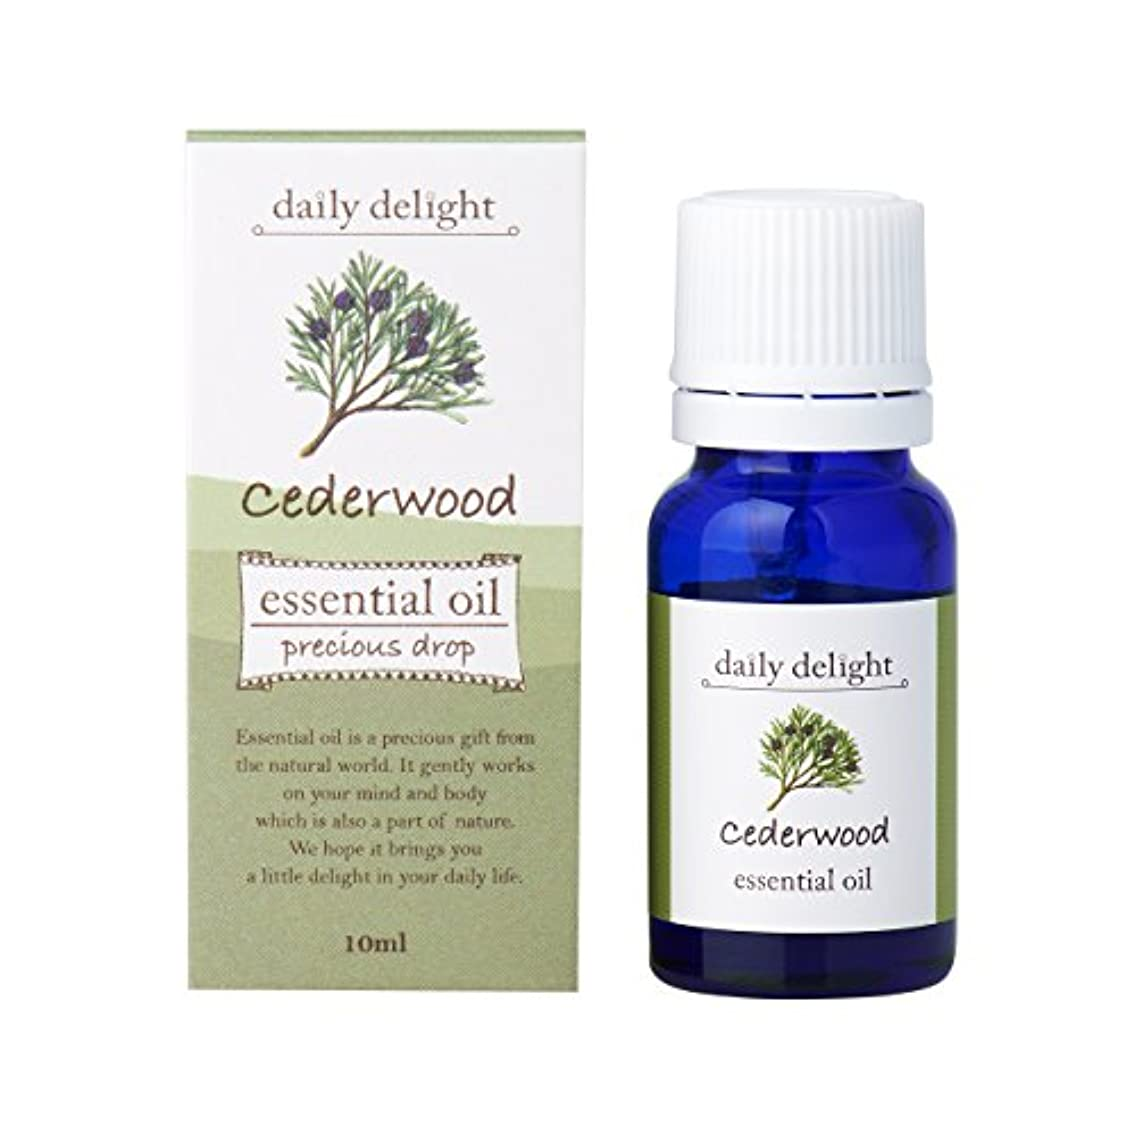 言い換えると葉欺くデイリーディライト エッセンシャルオイル シダーウッド 10ml(天然100% 精油 アロマ 樹木系 温かみのあるやさしい木の香り)